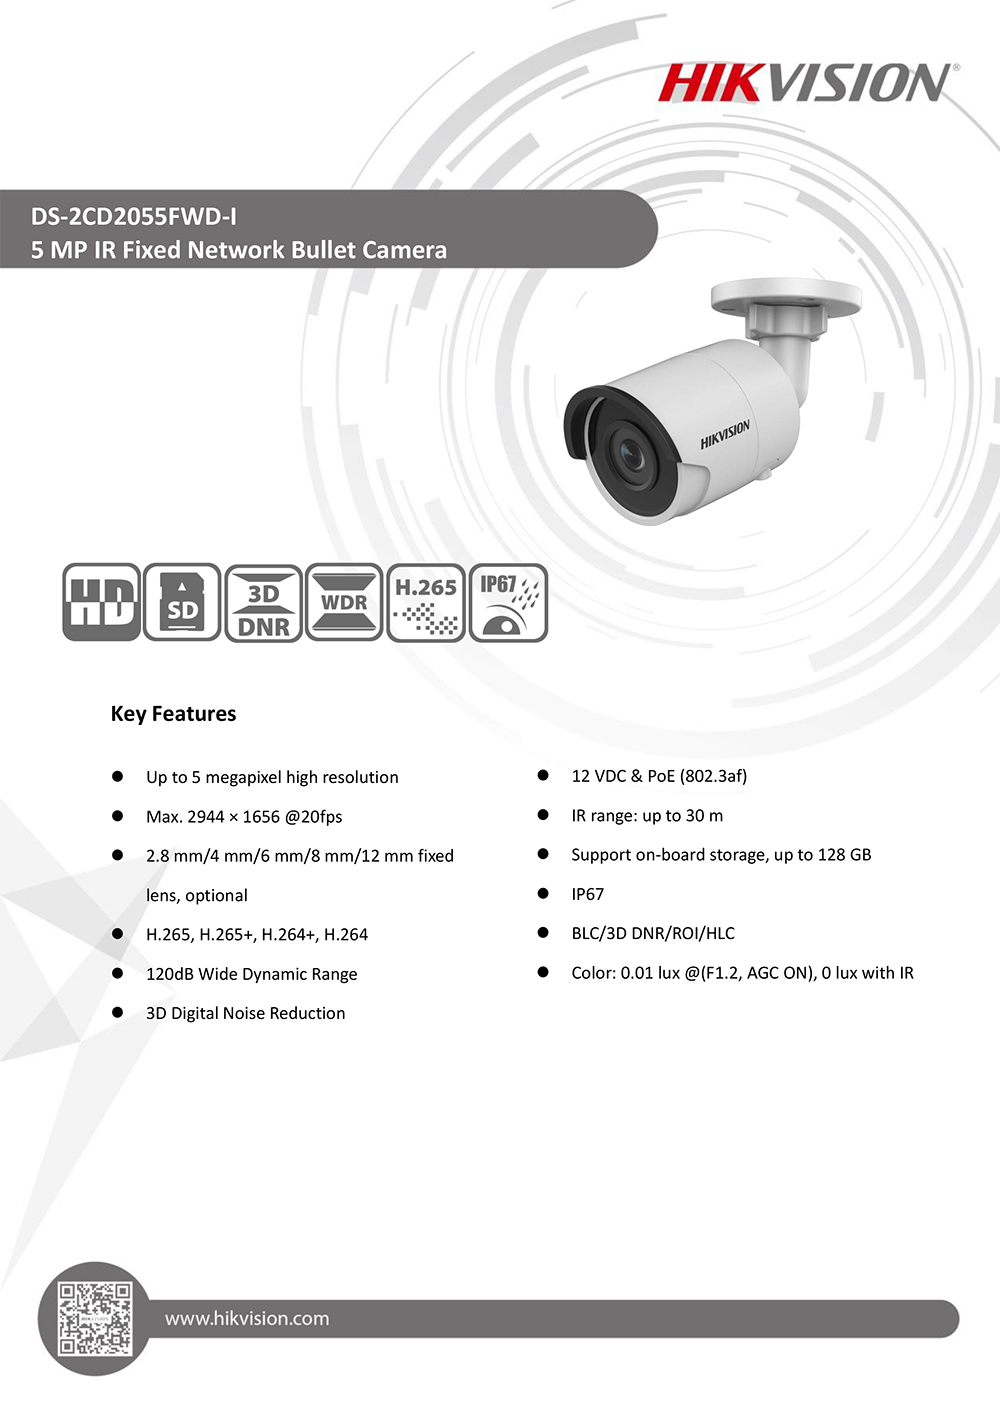 DS-2CD2055FWD-I_Datasheet_V5.5.80_20181207-1